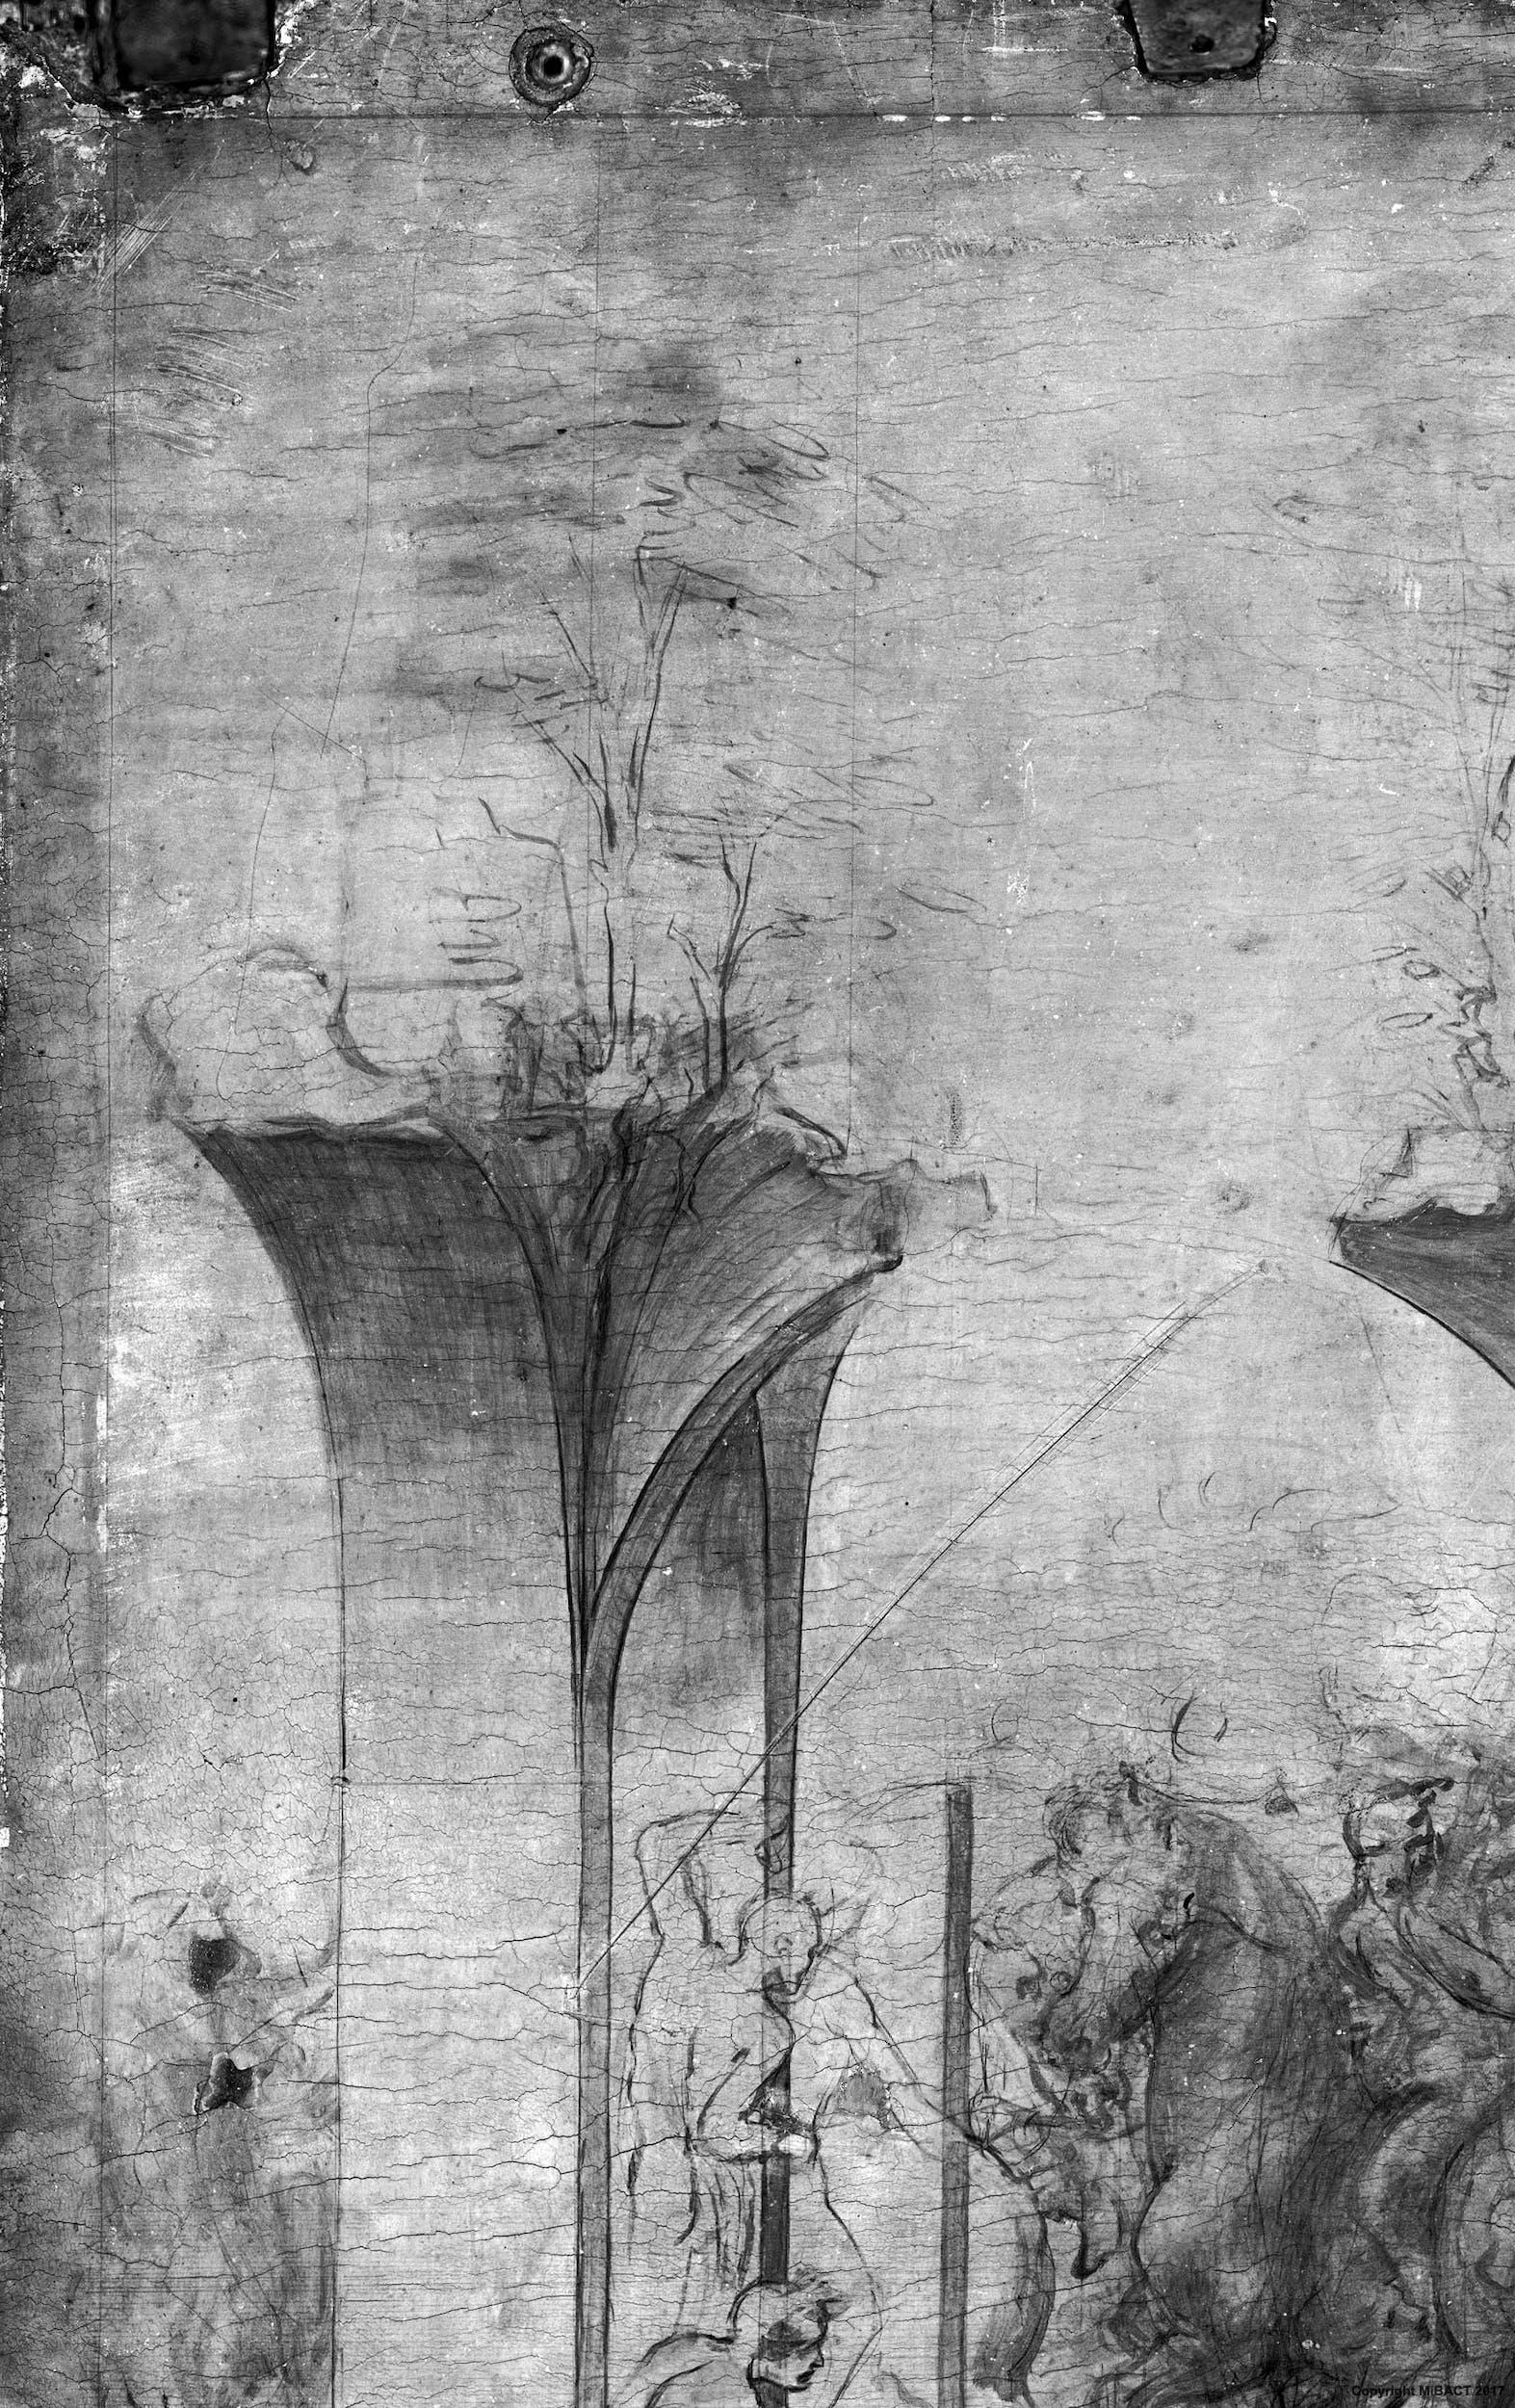 7a. Leonardo da Vinci, Adorazione dei Magi, dettaglio della riflettografia IR con le incisioni che segnano i bordi